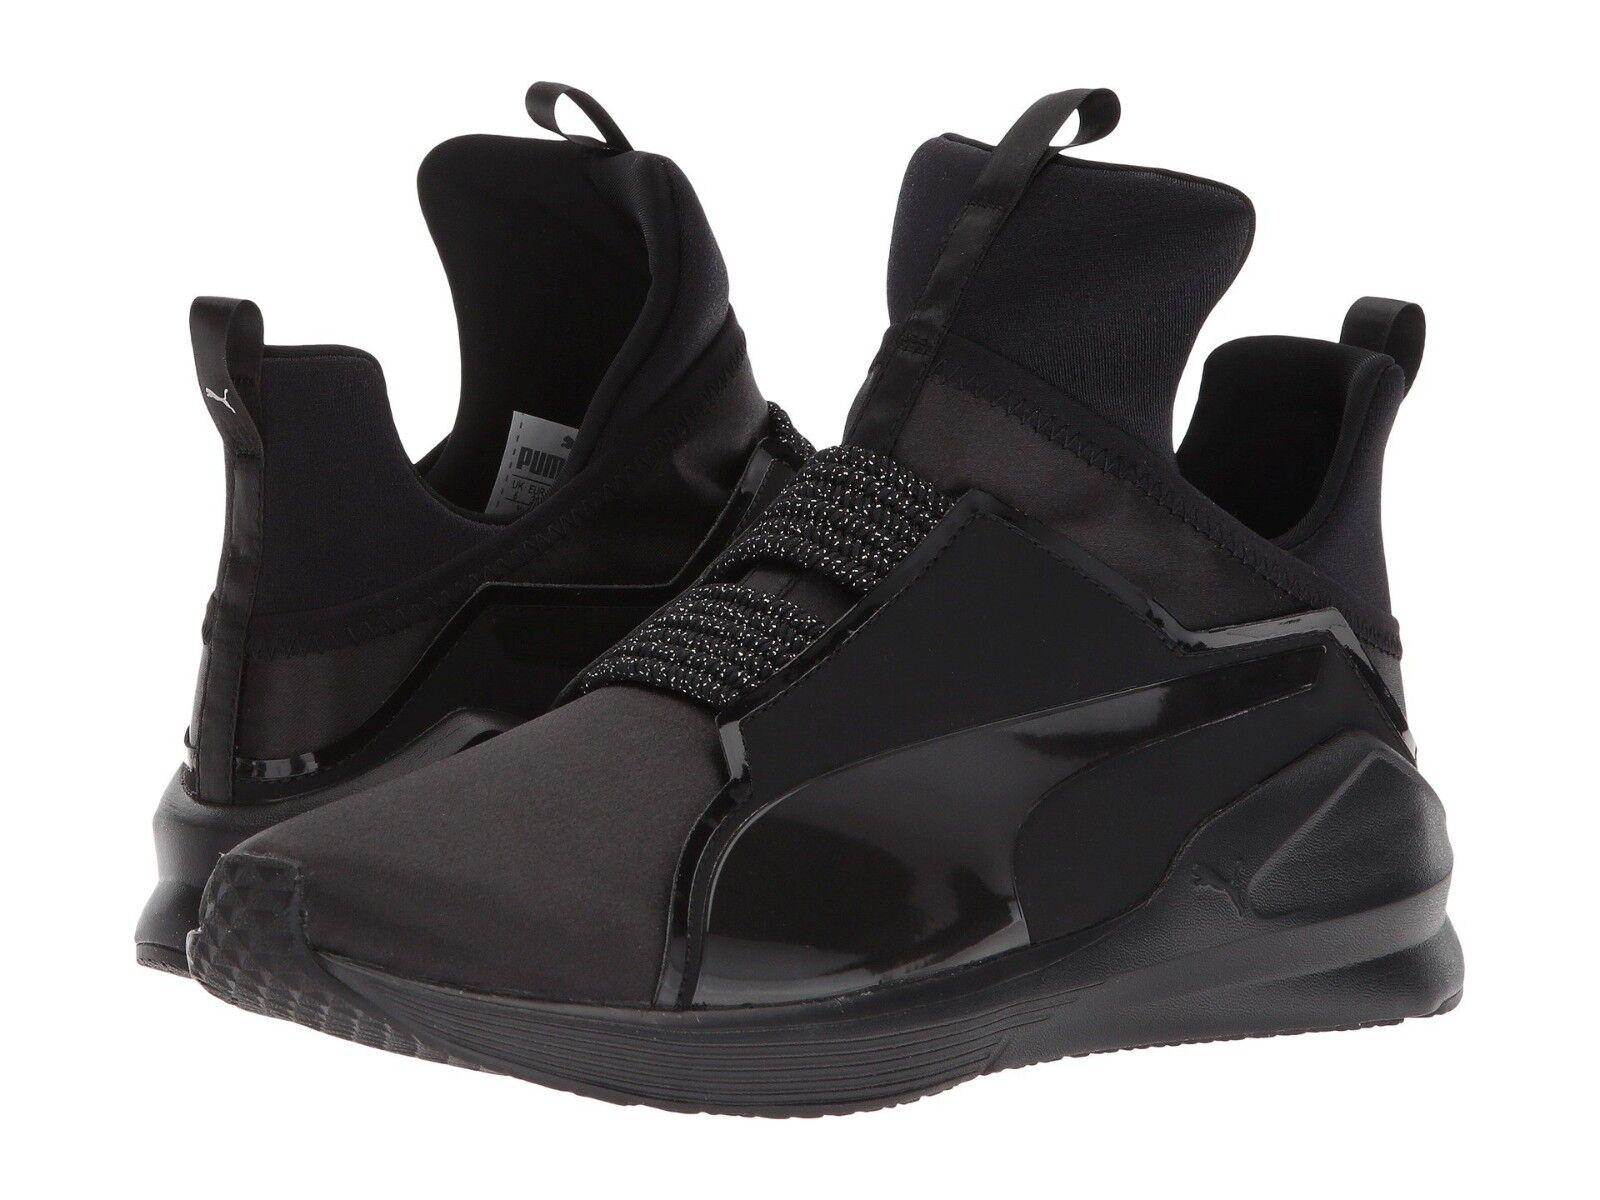 Le donne scarpe puma feroce raso pe hightop pizzo nero argento   19054501 scarpe nuove